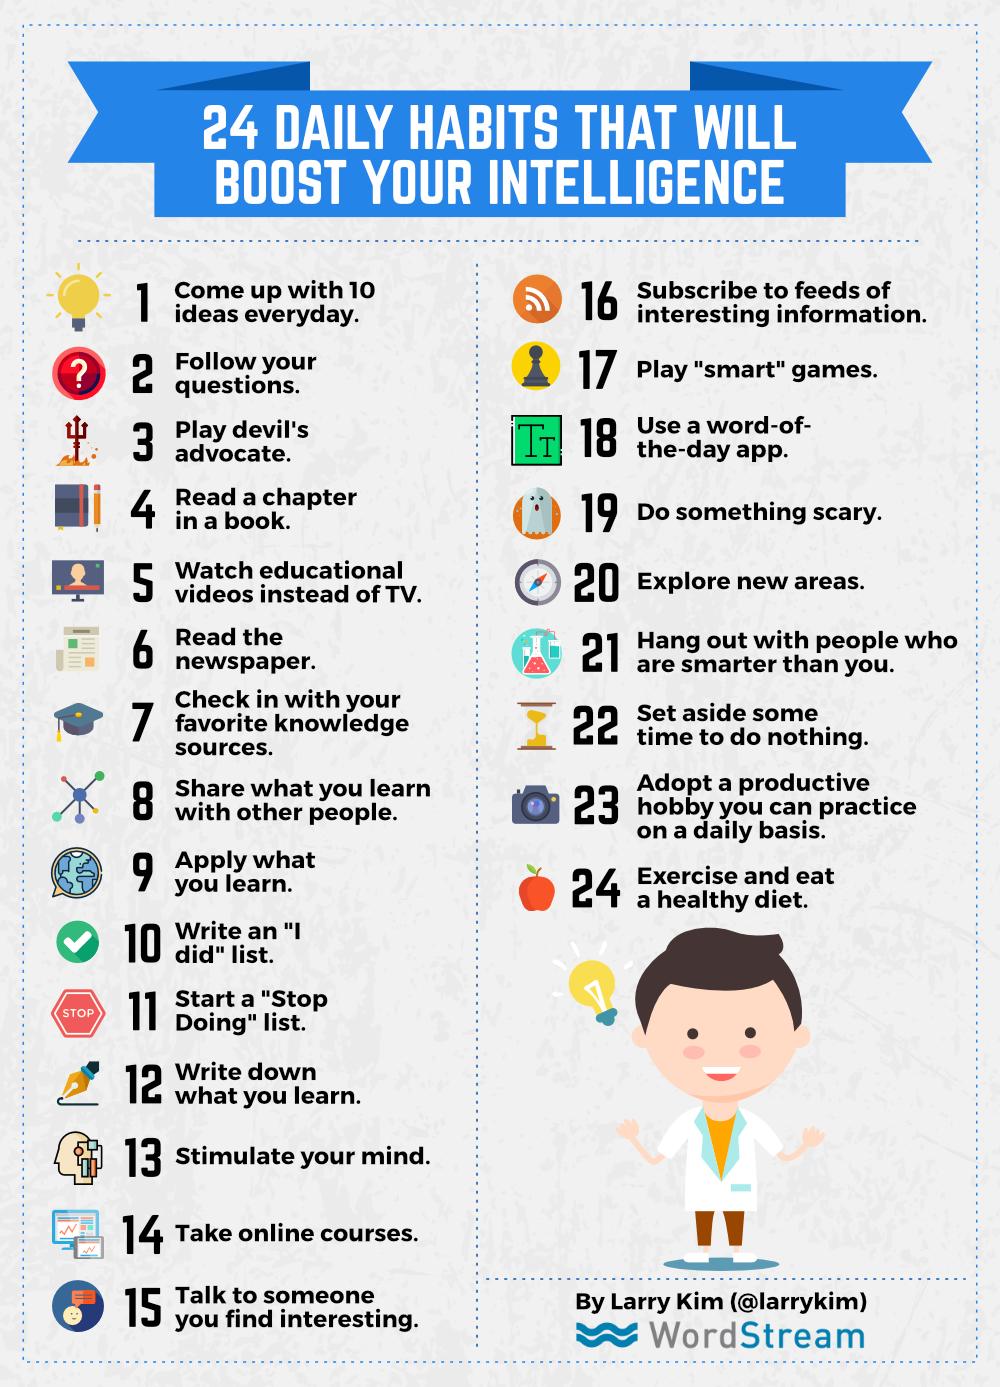 ۲۴ راه ساده و روزمره برای افزایش هوش